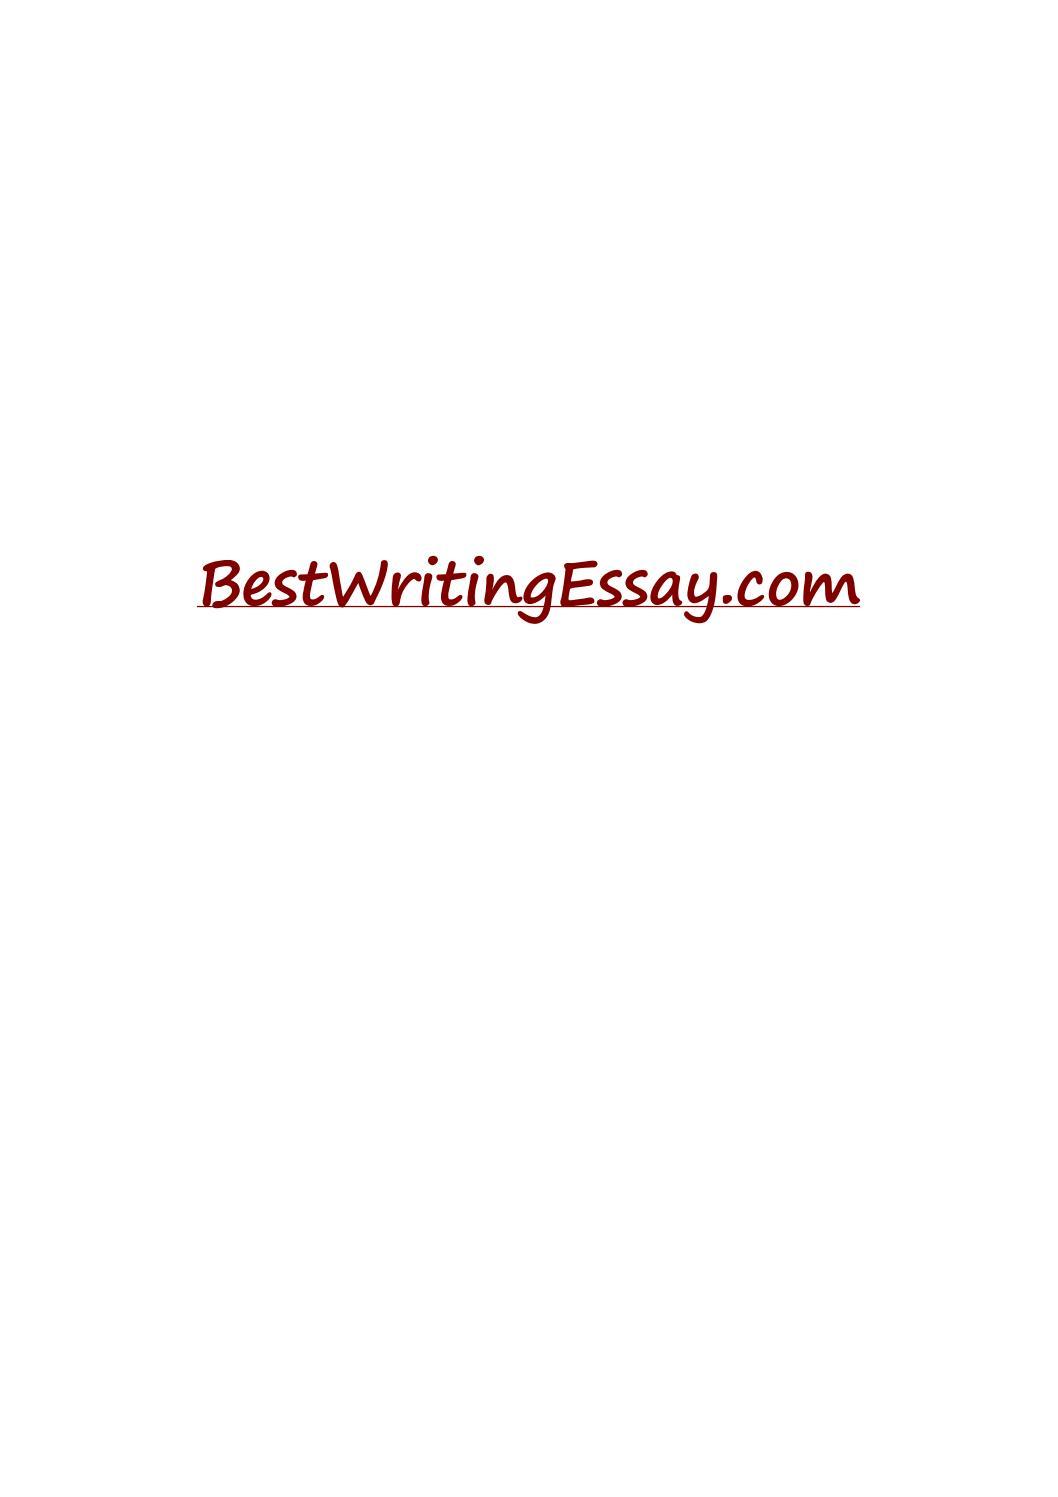 Frankenstein essay help frankenstein essay